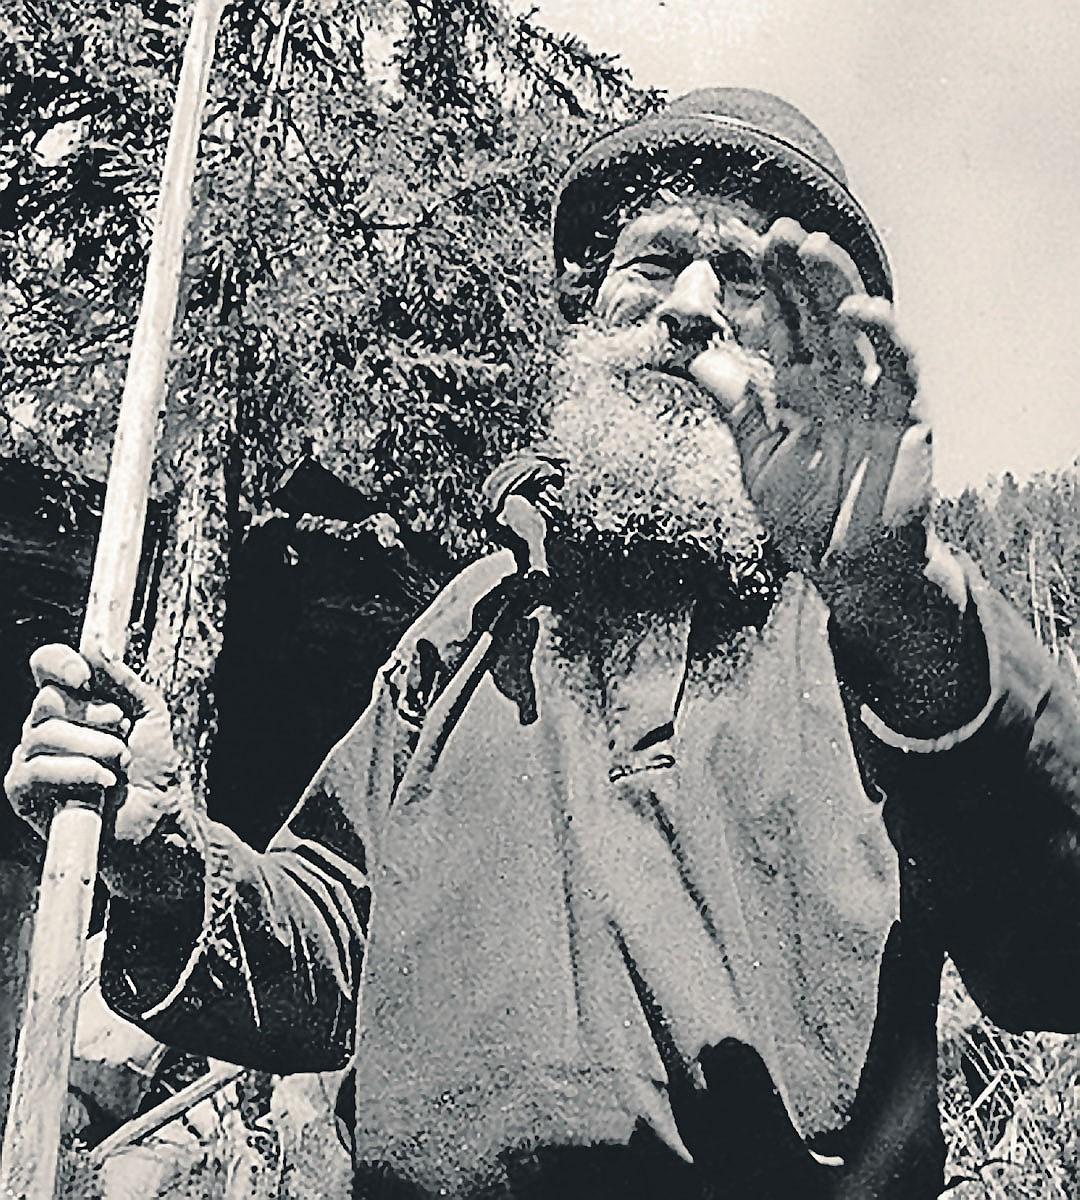 Истоки Таежного тупика: история семейства староверов Лыковых жизнь,интересное,история,Лыковы,отшельники,староверы